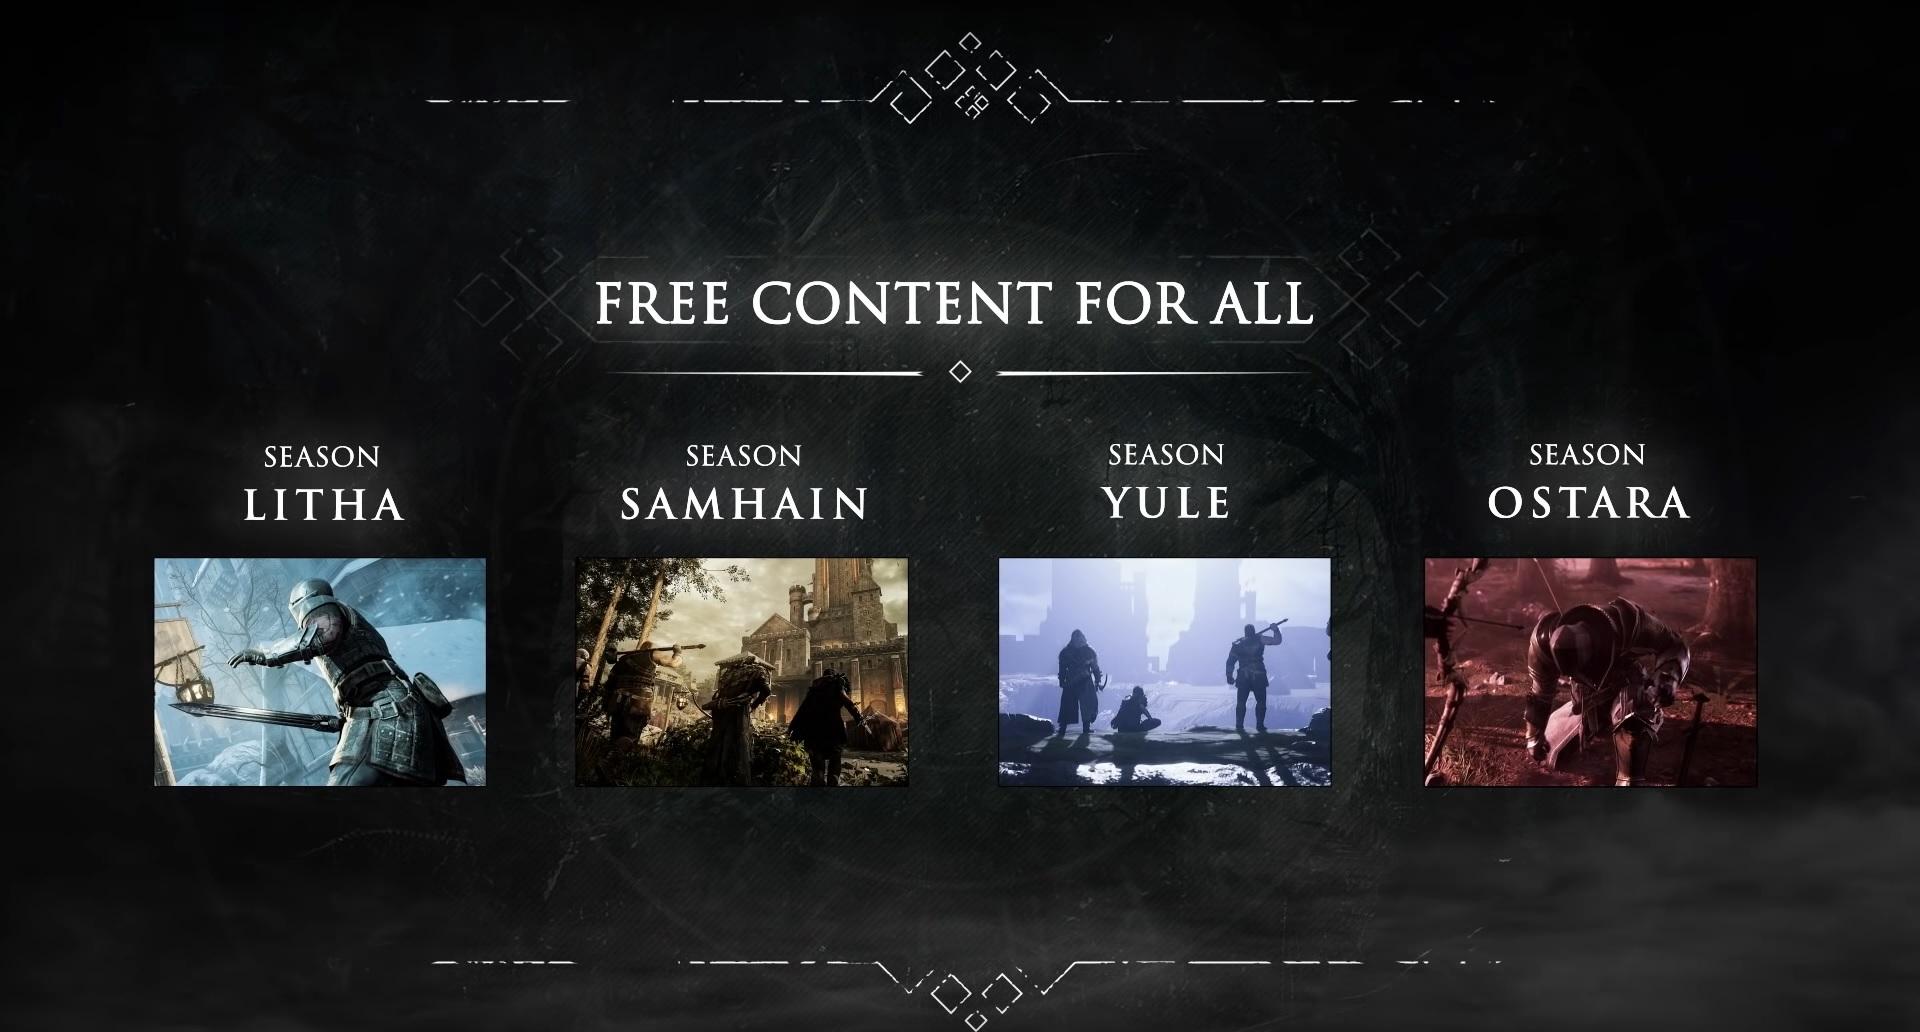 Co nás čeká v Hood: Outlaws & Legends za obsah po vydání? Free